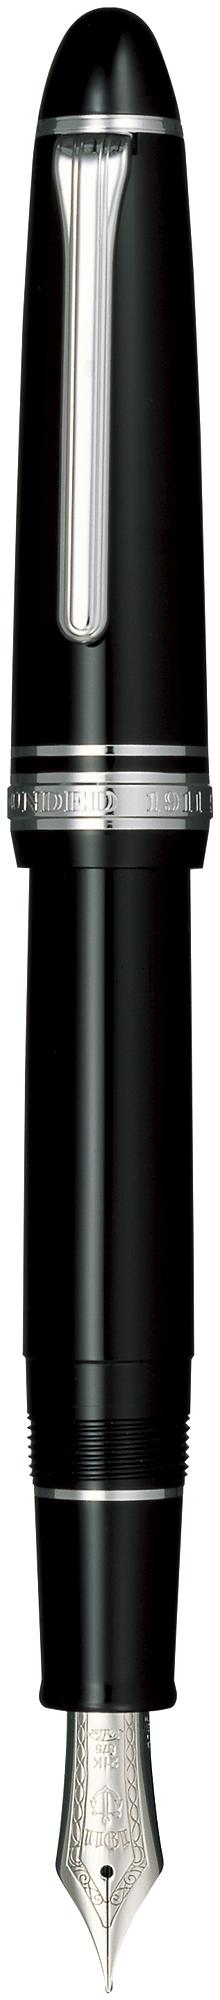 セーラー万年筆 プロフィット21 銀 ブラック 太字 11-2024-620【セーラー セーラー万年筆 プロフィット21銀 太字 112024620】